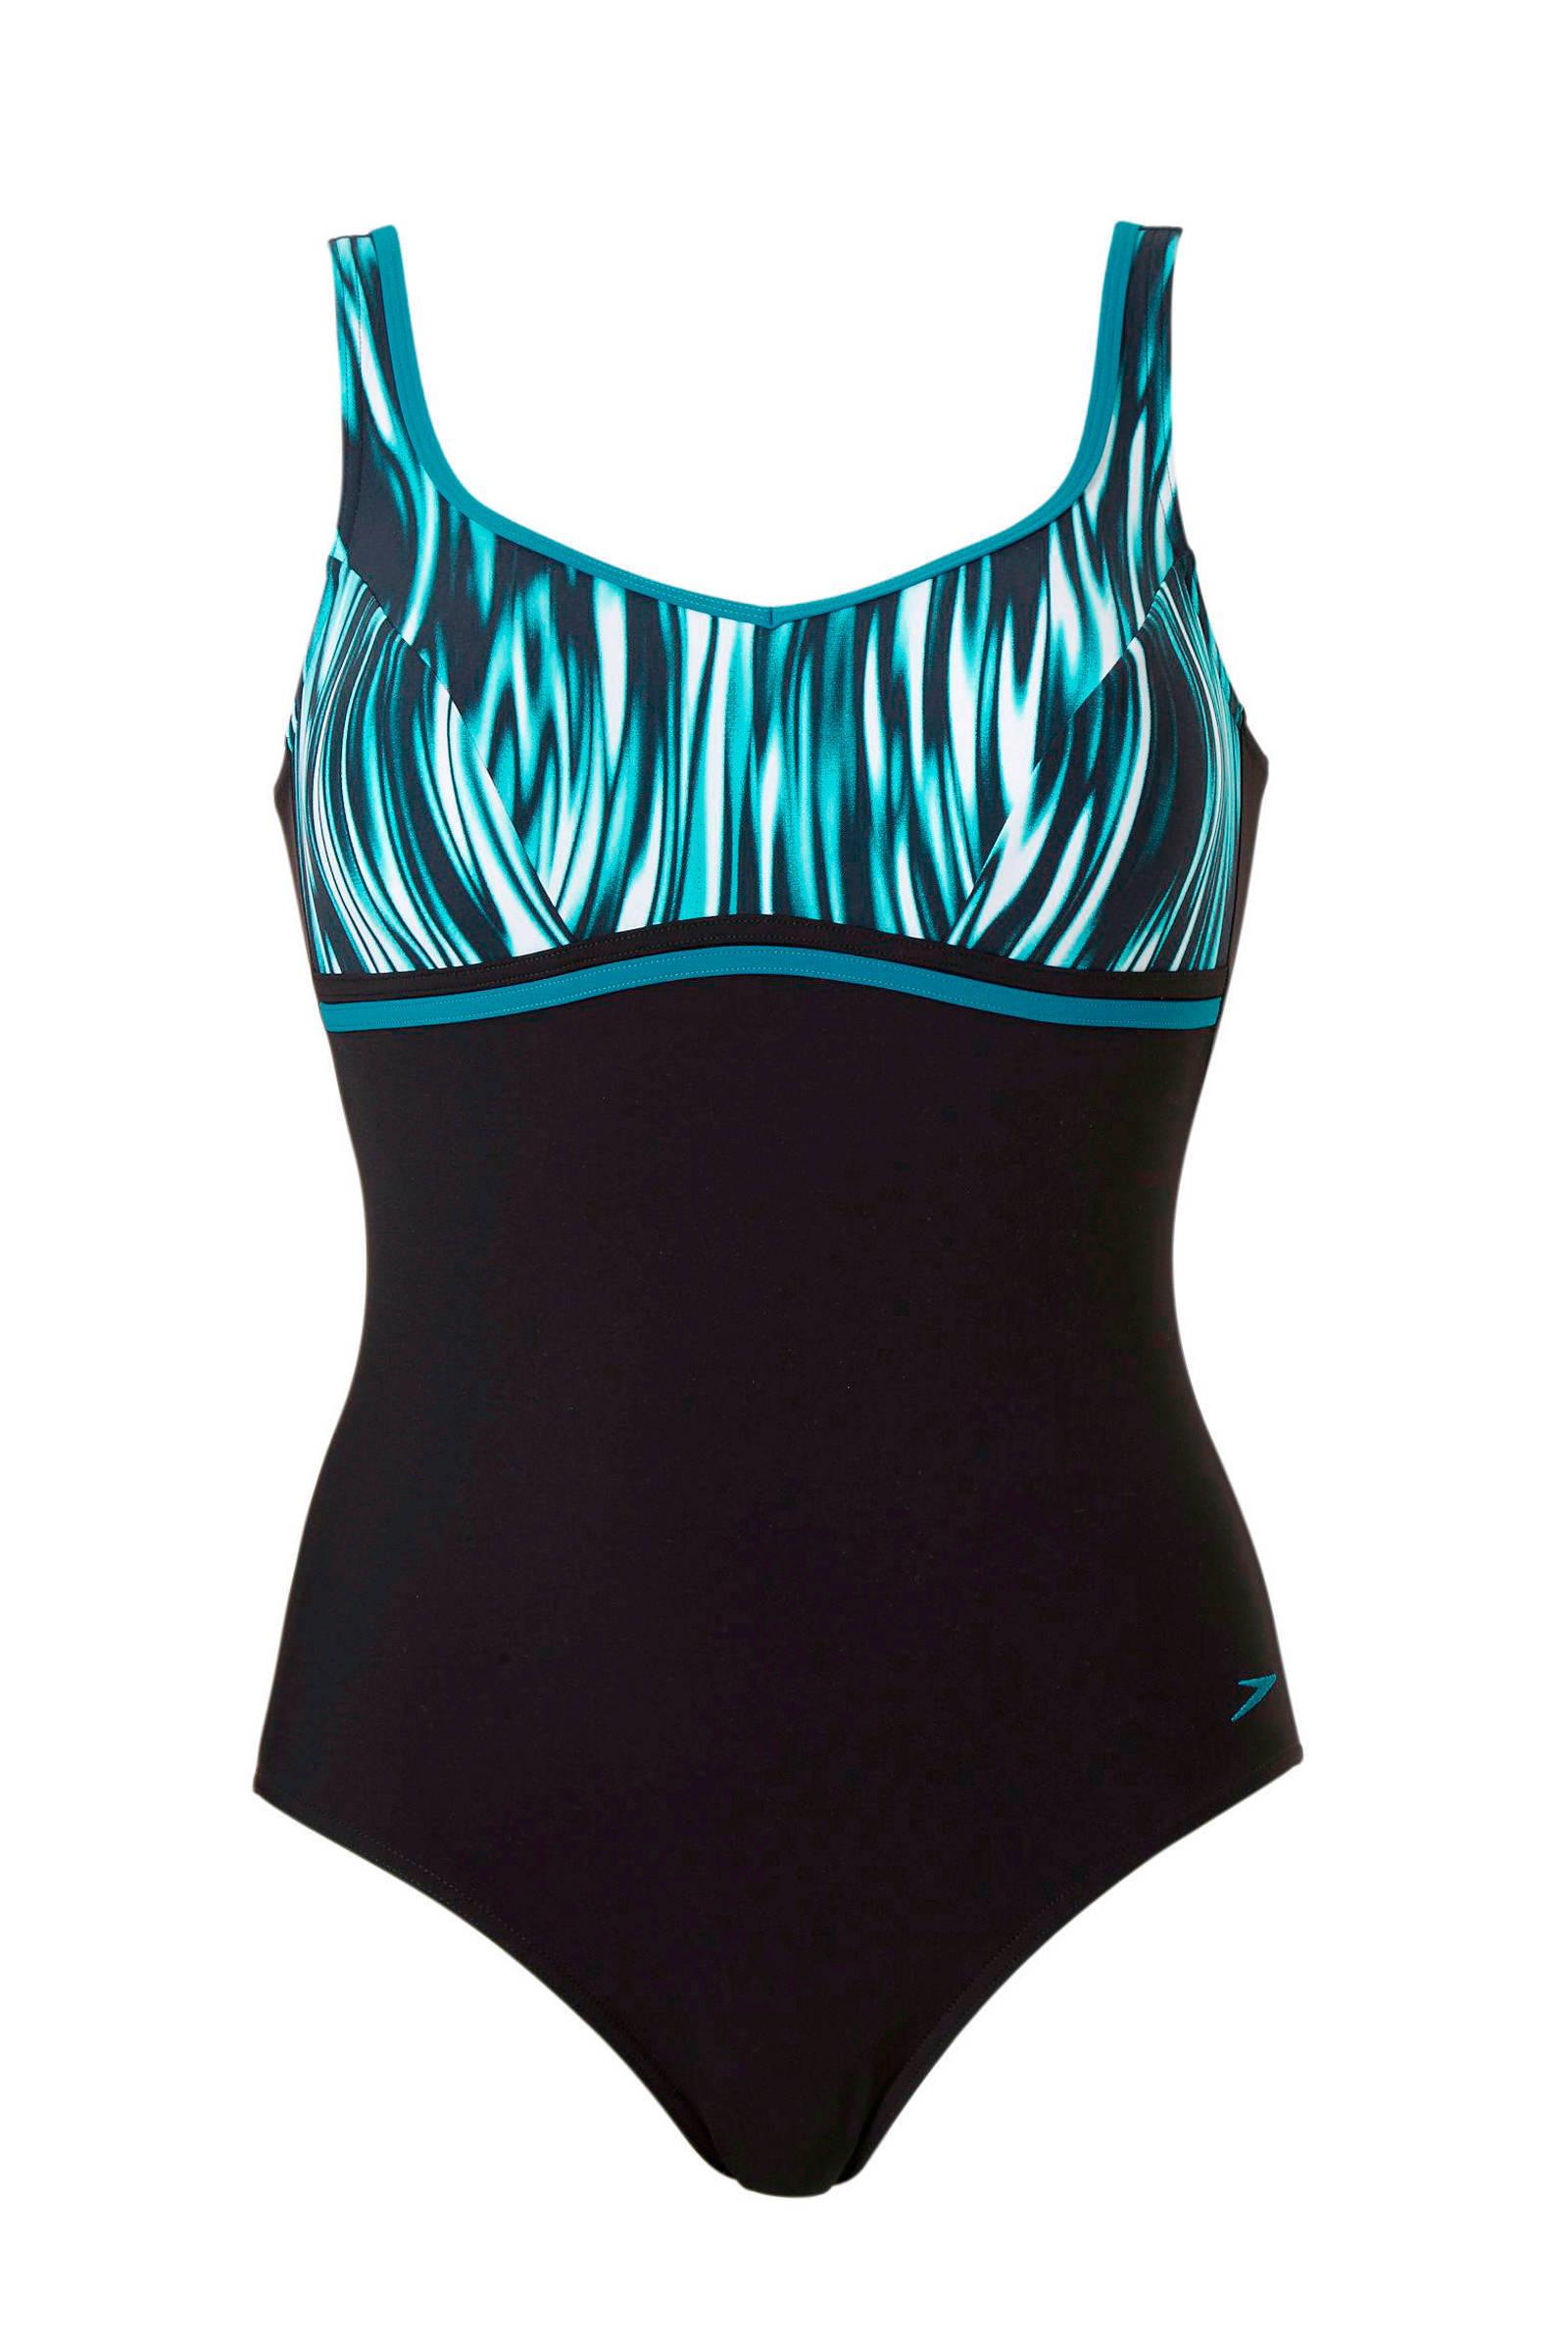 990a857cd7 speedo-sculpture-sportbadpak-contourluxe-zwart-groen-dames-zwart-5053744412504.jpg